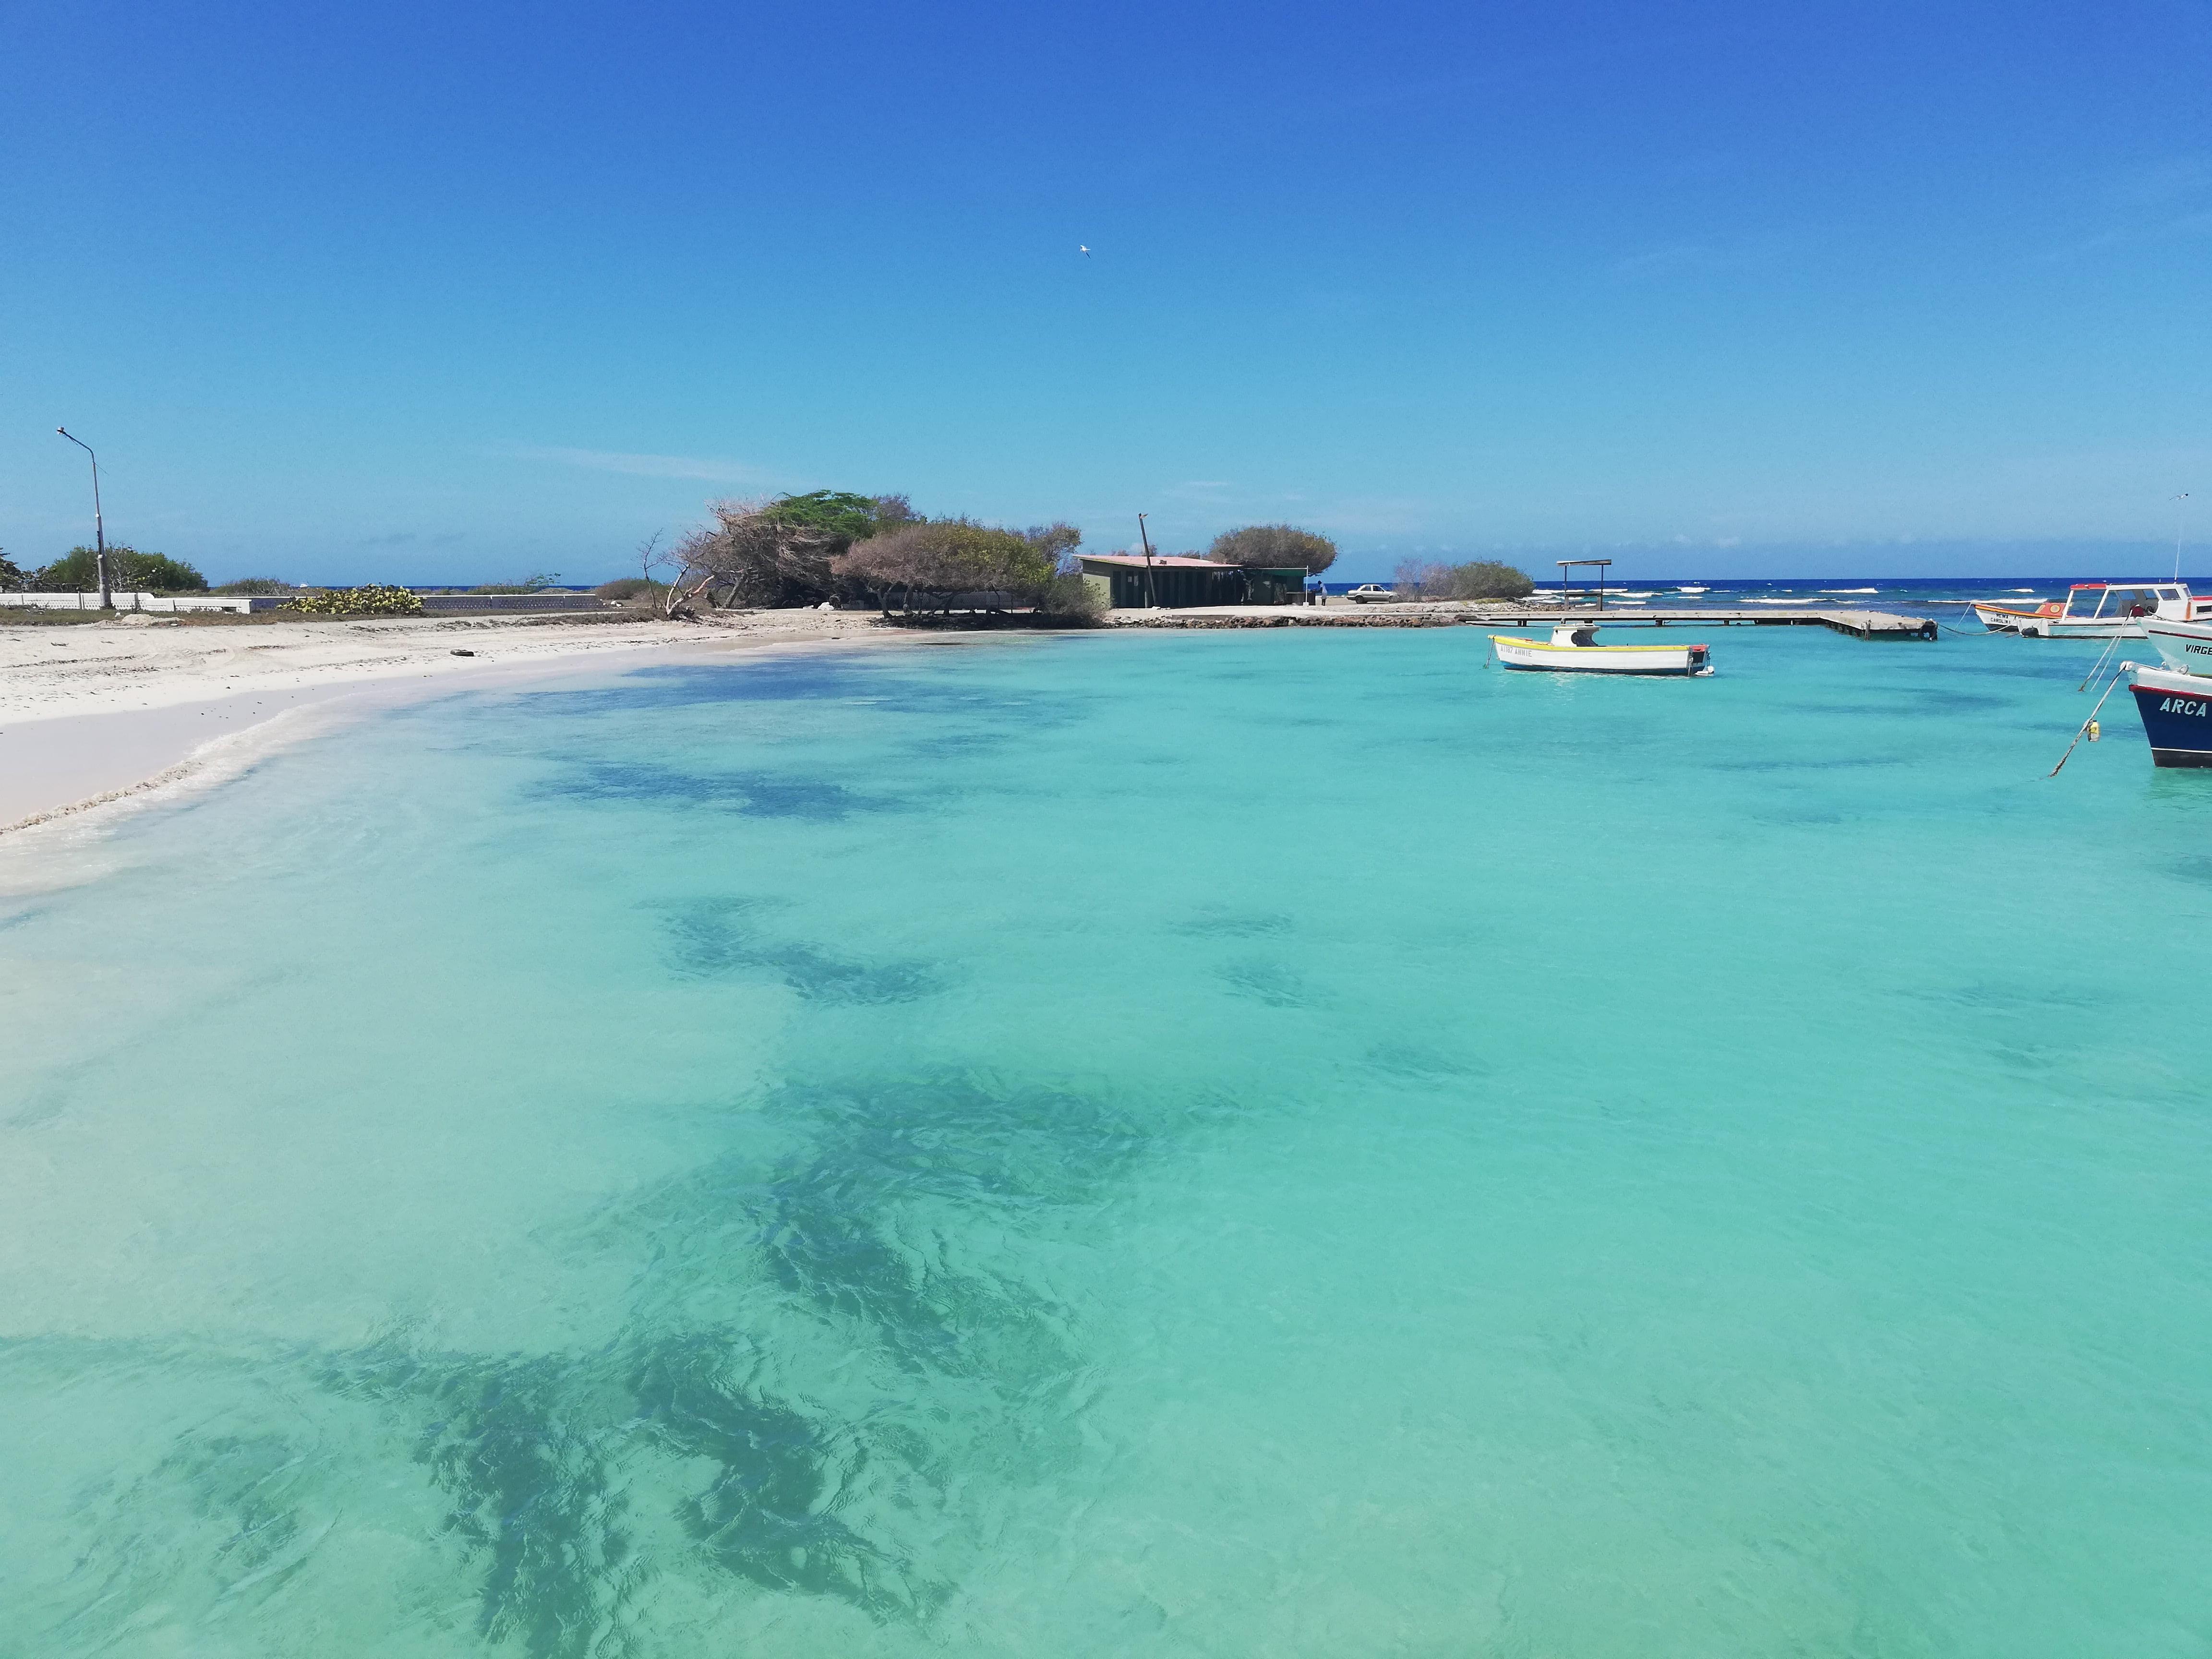 rodger beach aruba, MARE TURCHESE E SPIAGGIA BIANCA